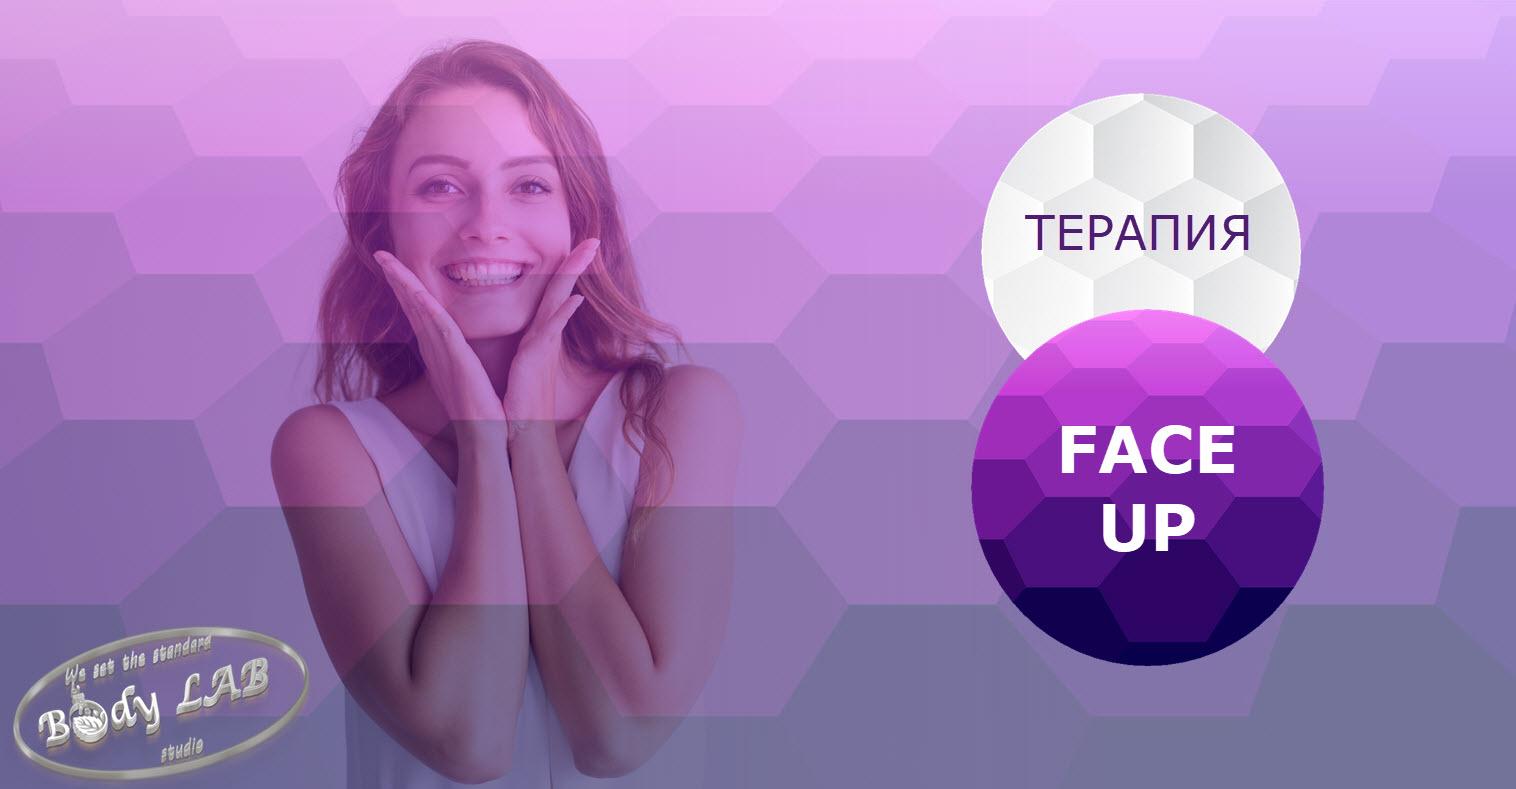 терапия-face-up